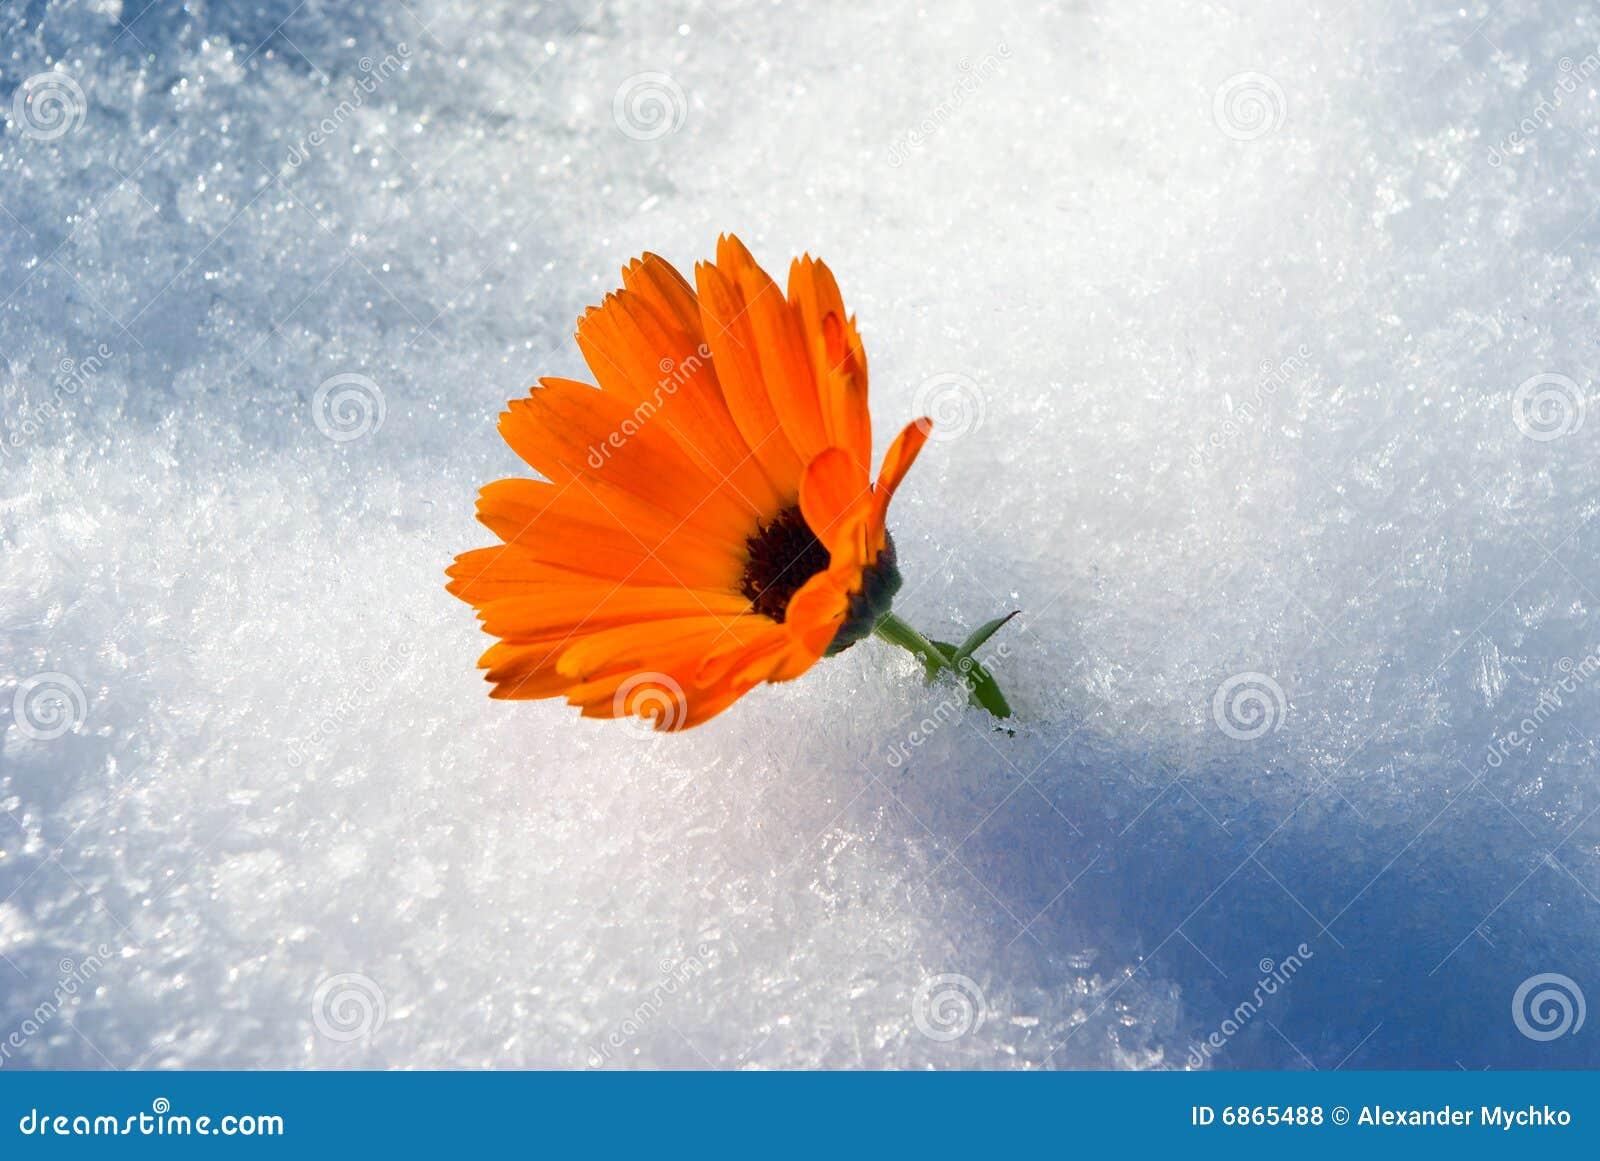 живой яркий первый снежок цветка вниз